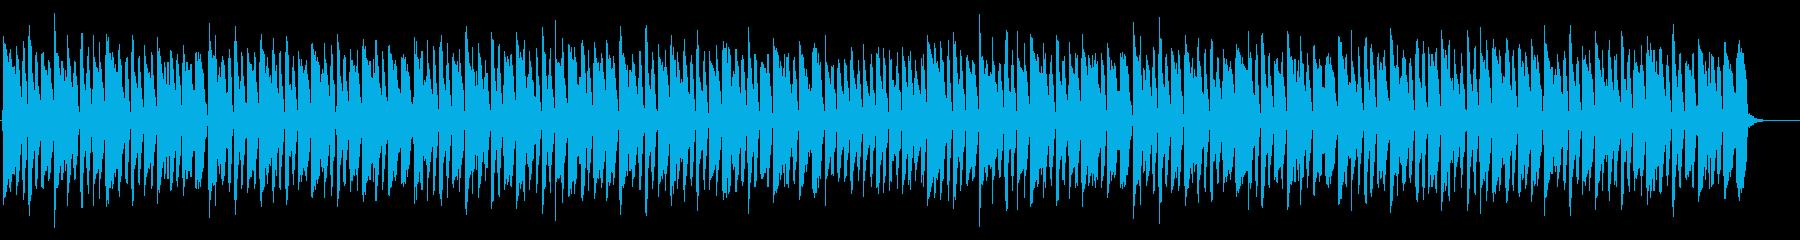 おもちゃの自動演奏風のアンサンブルの再生済みの波形